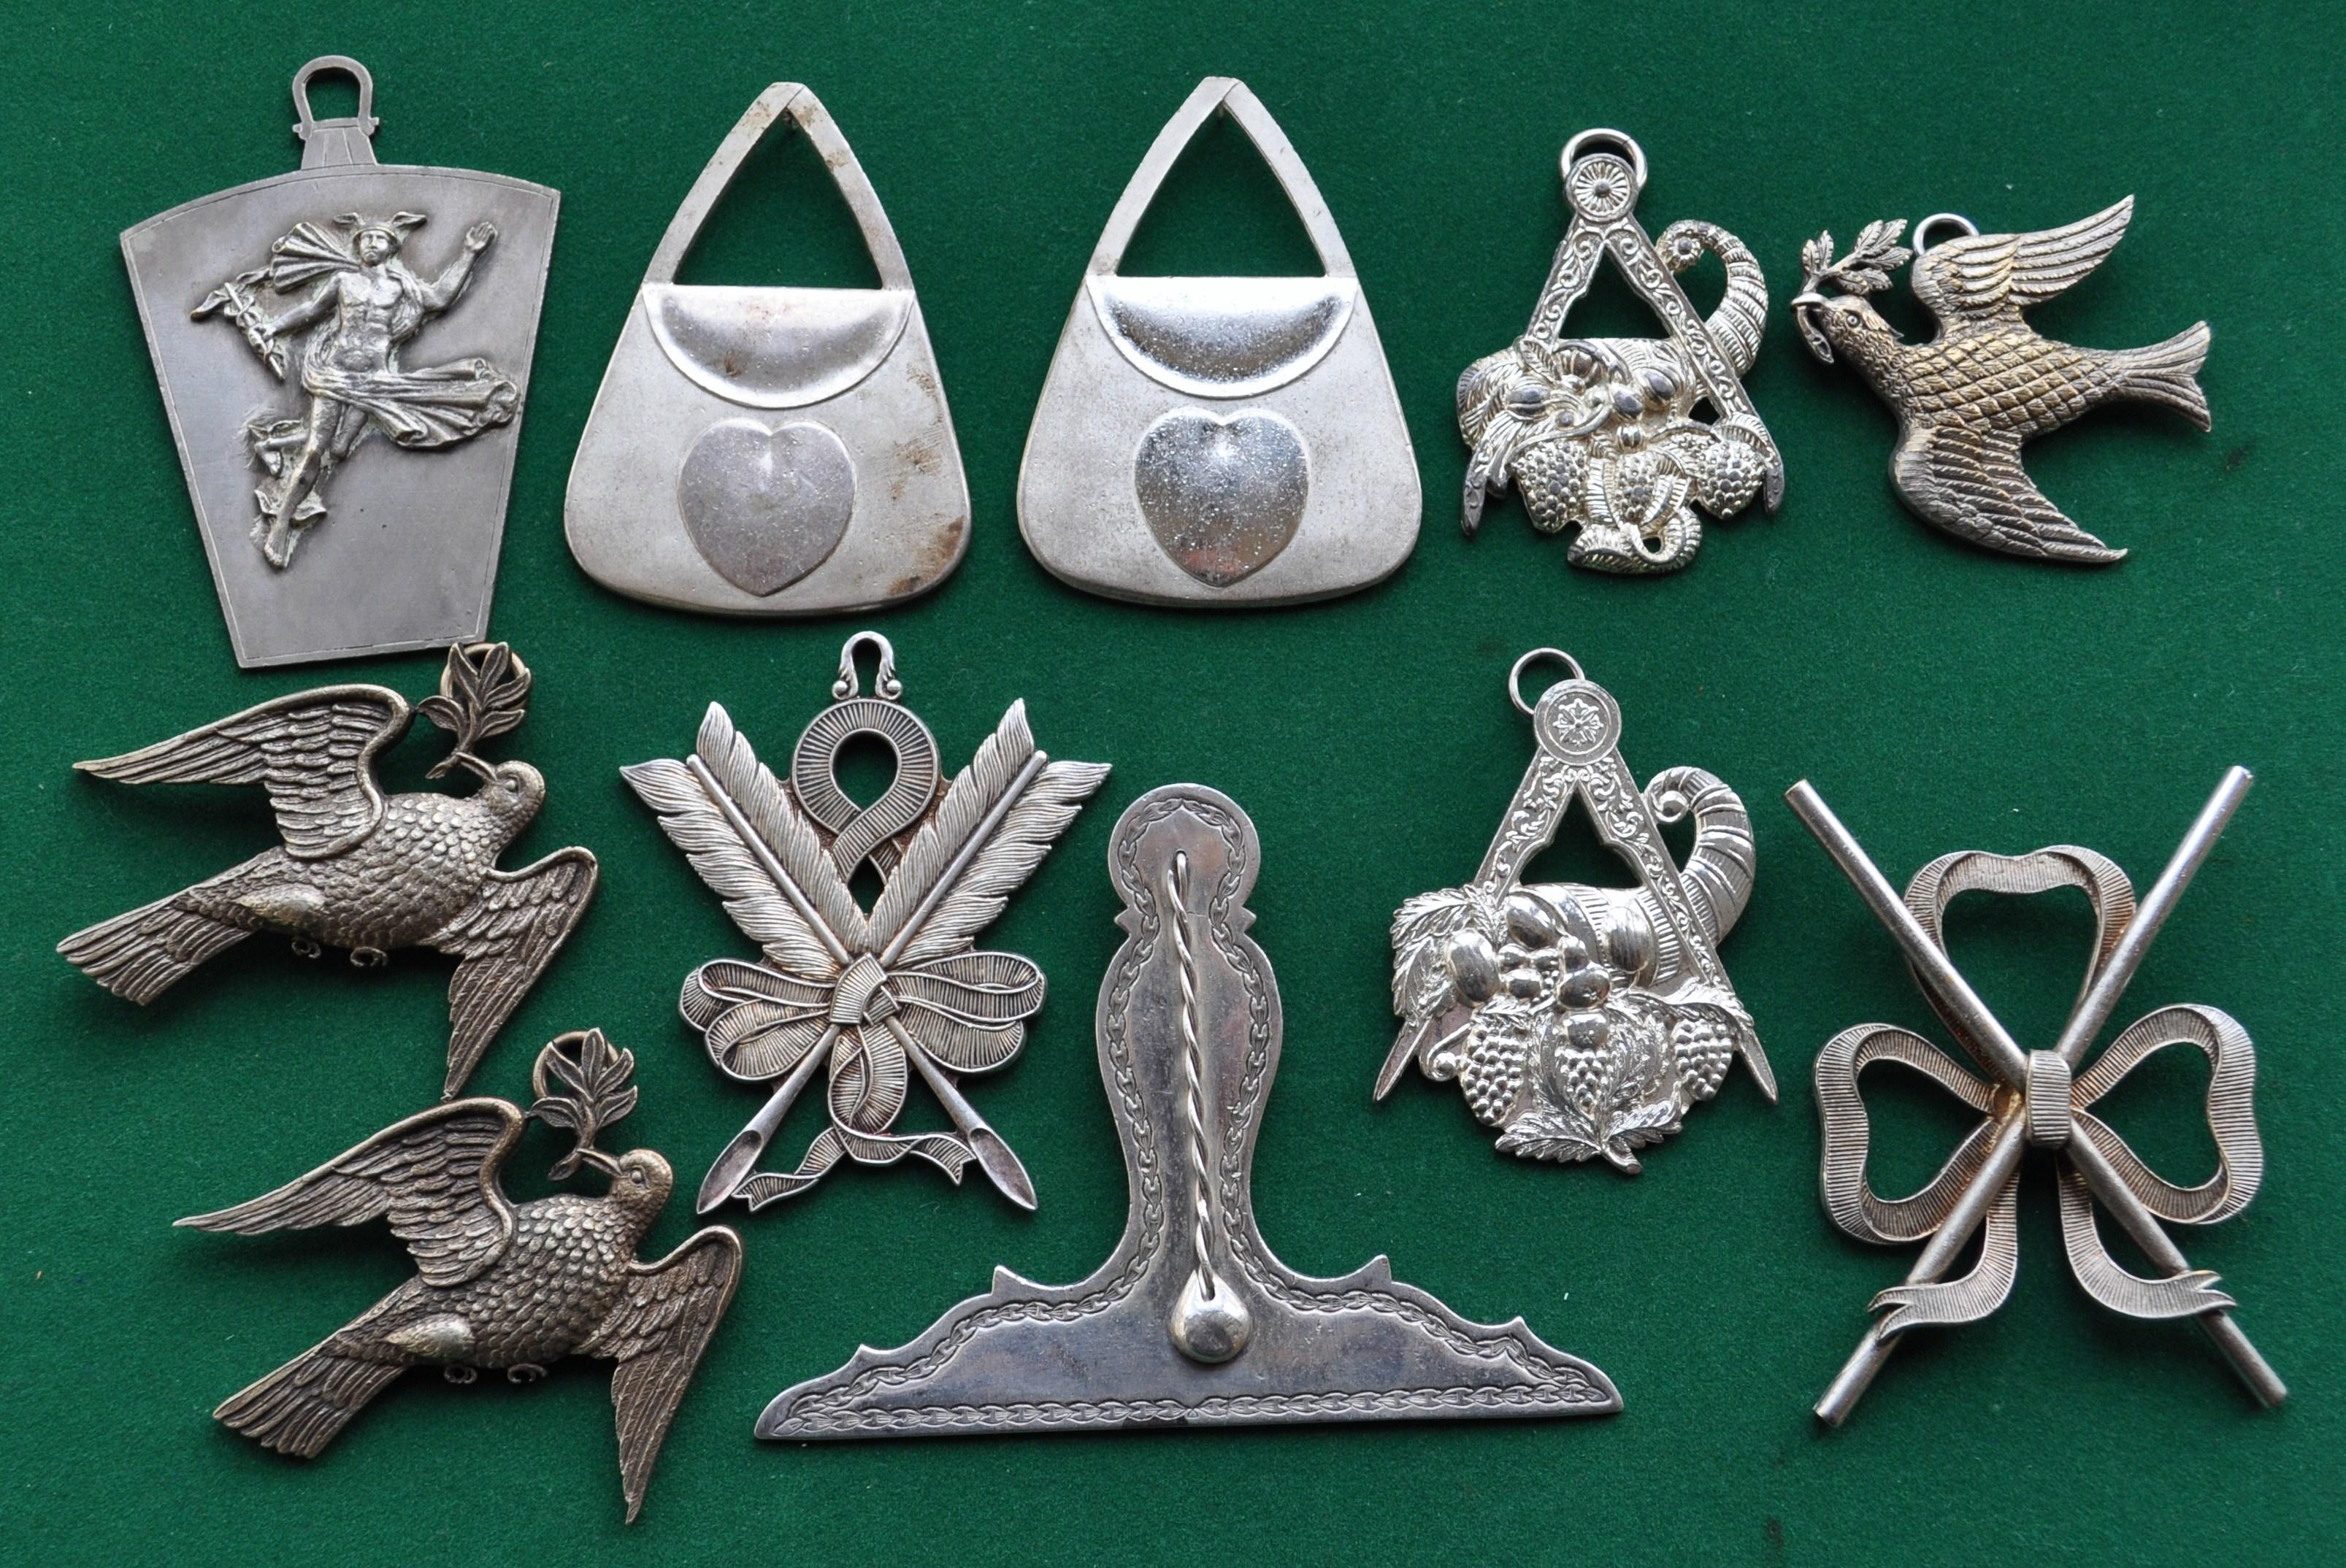 File:Masonic jewels jpg - Wikimedia Commons